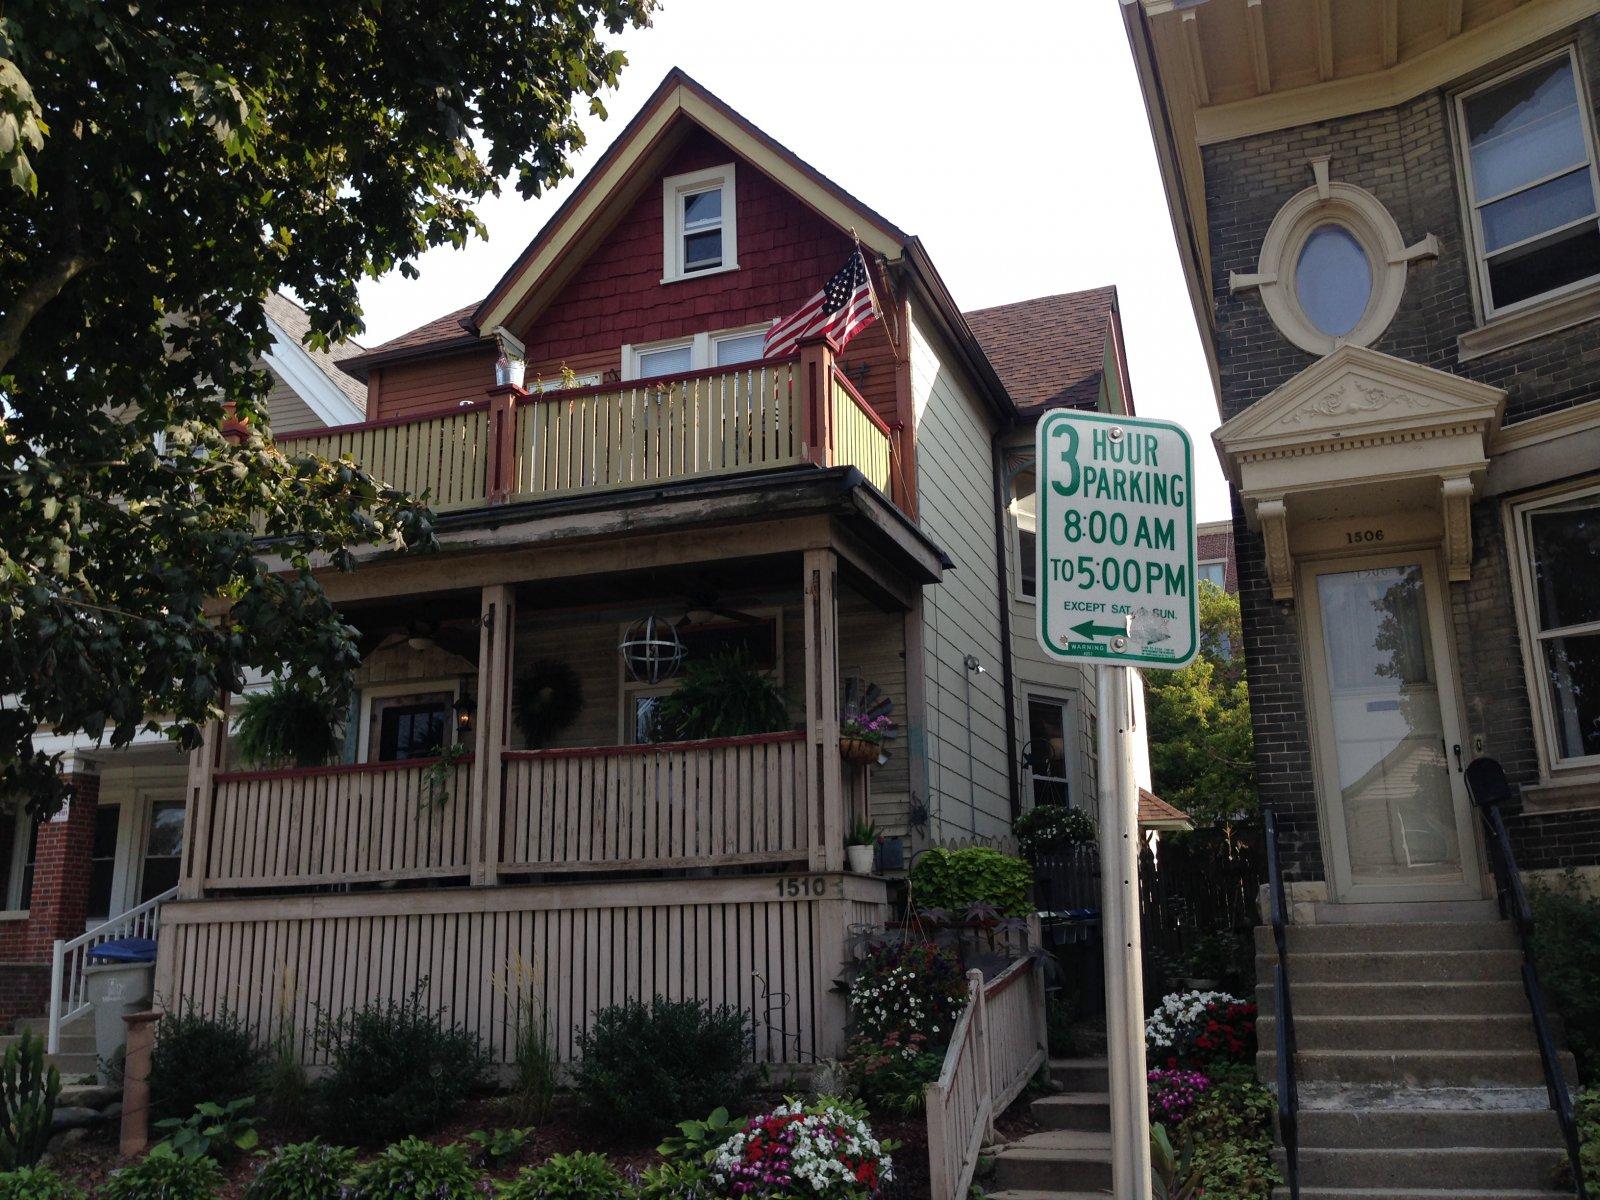 1510 N. Jackson St.